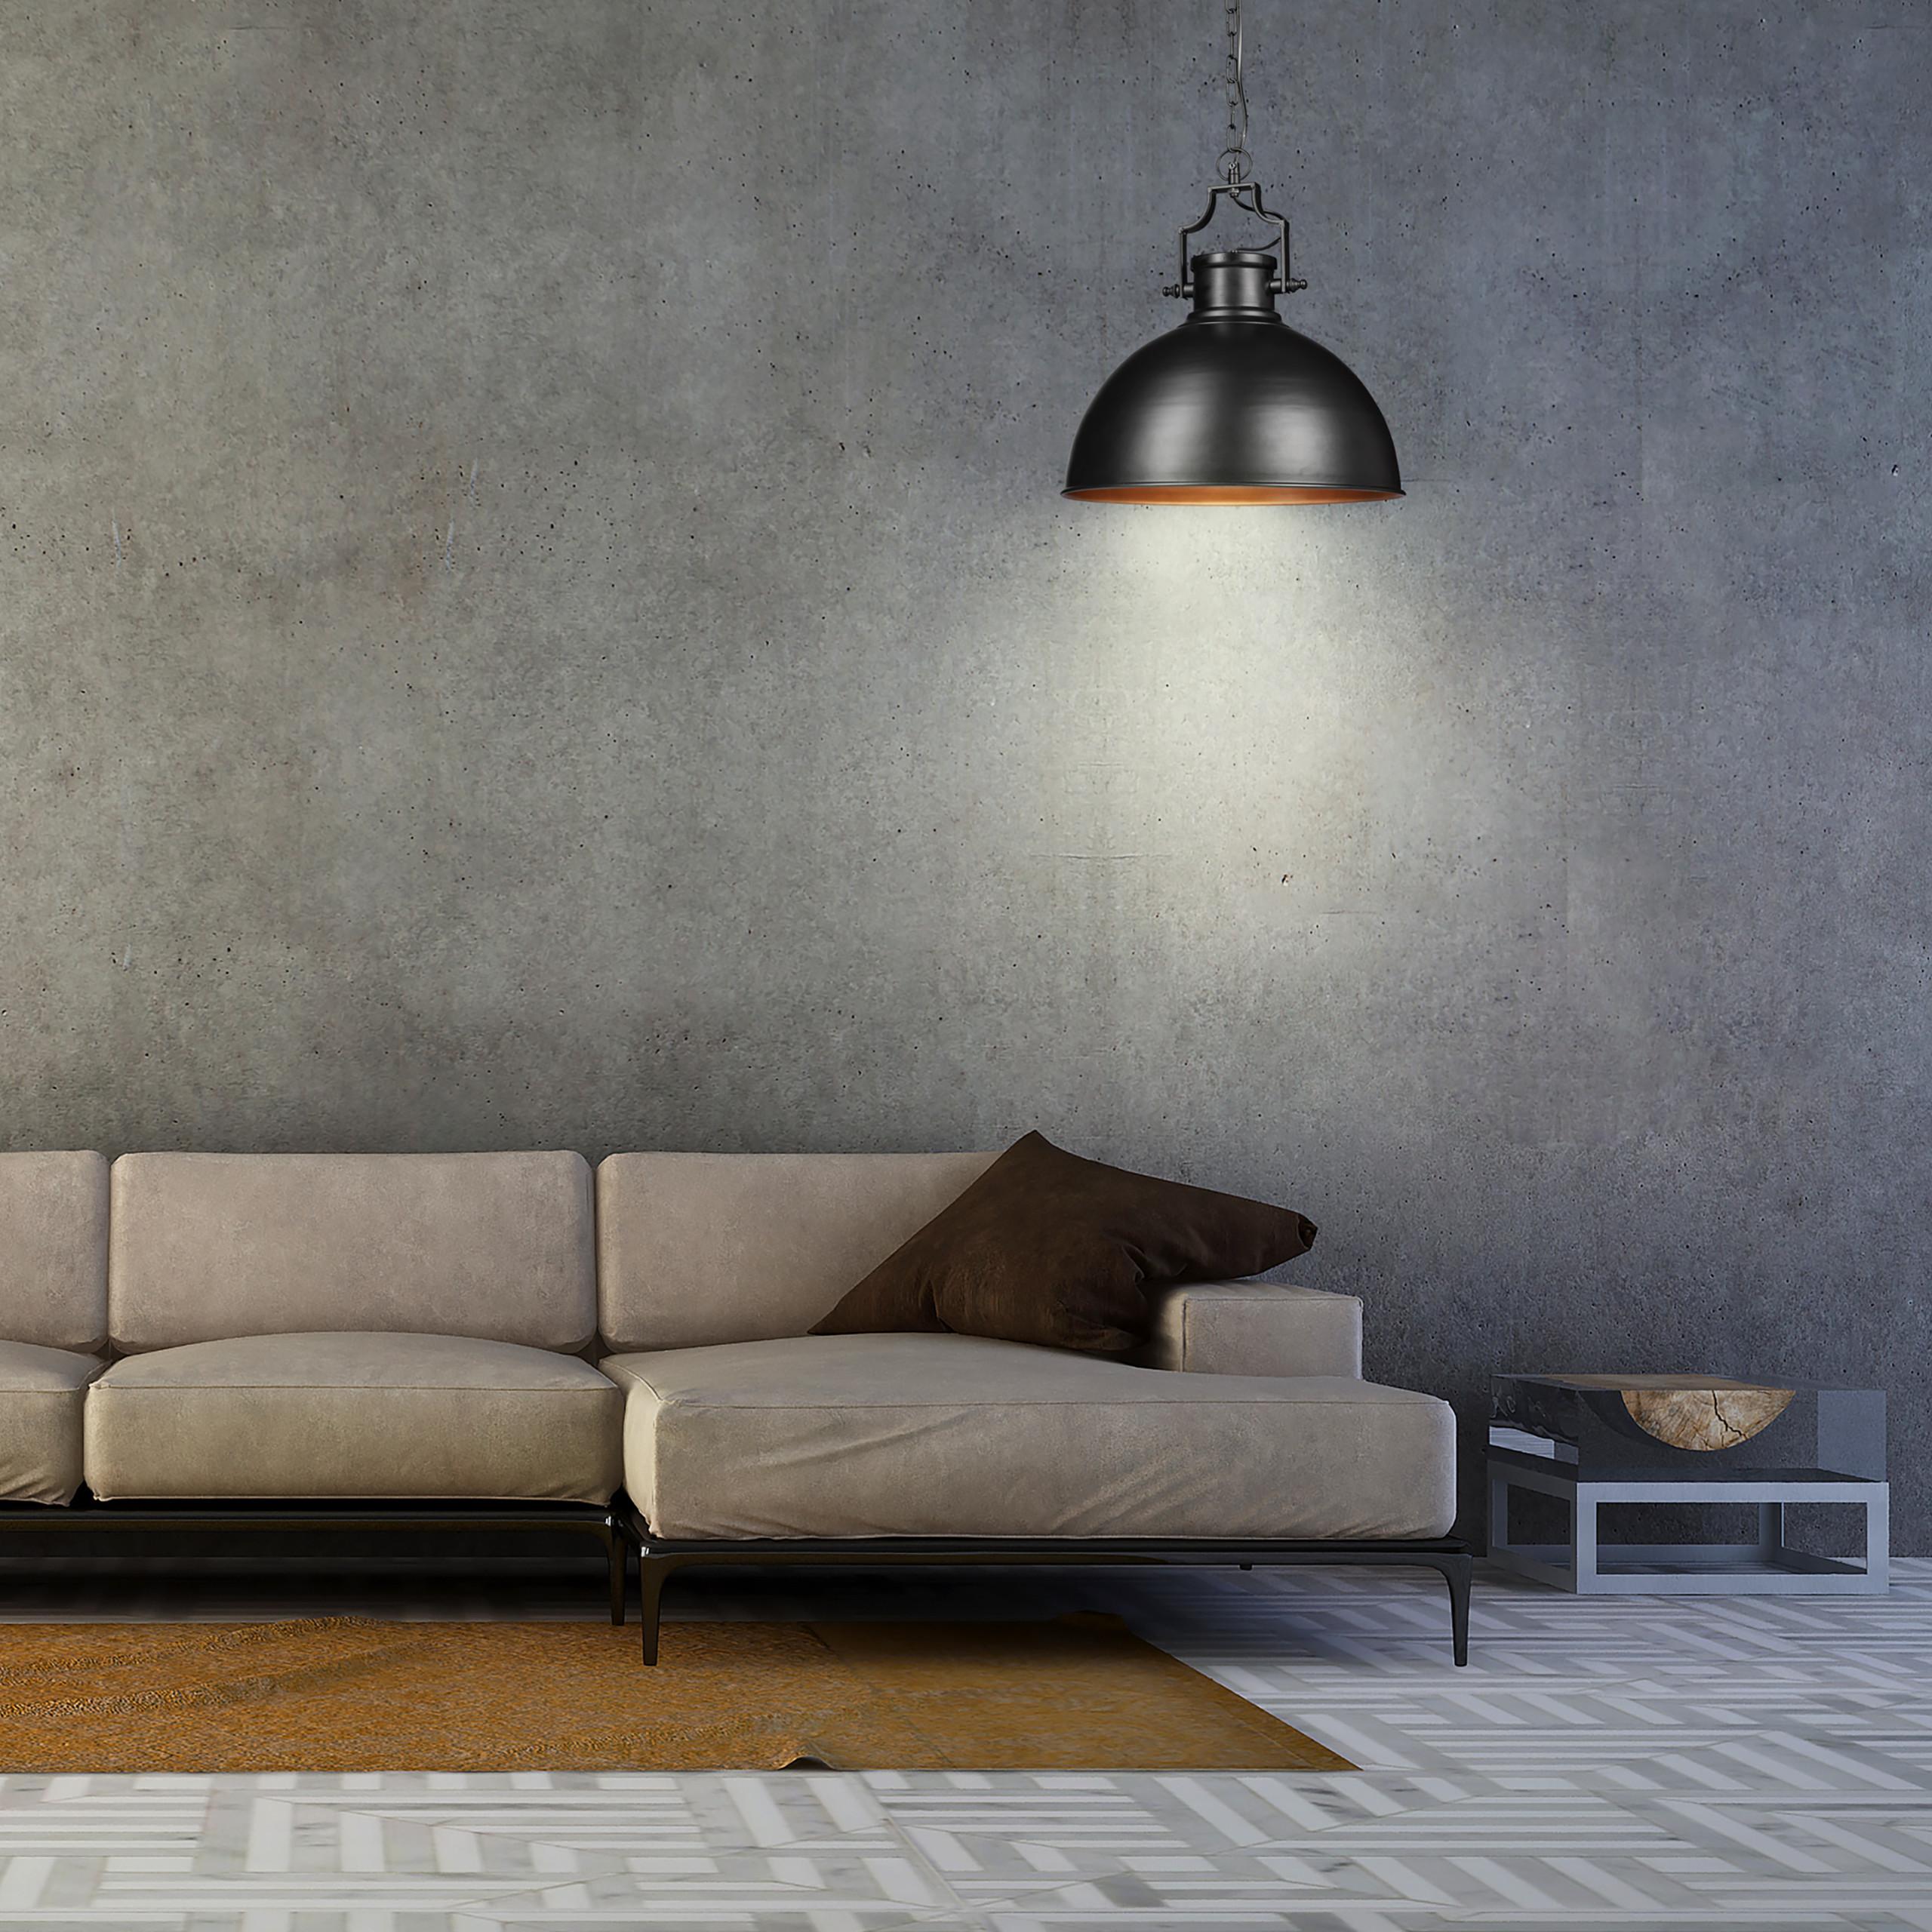 h ngelampe industrial design gro retro industrielampe deko esszimmer e27 kette ebay. Black Bedroom Furniture Sets. Home Design Ideas